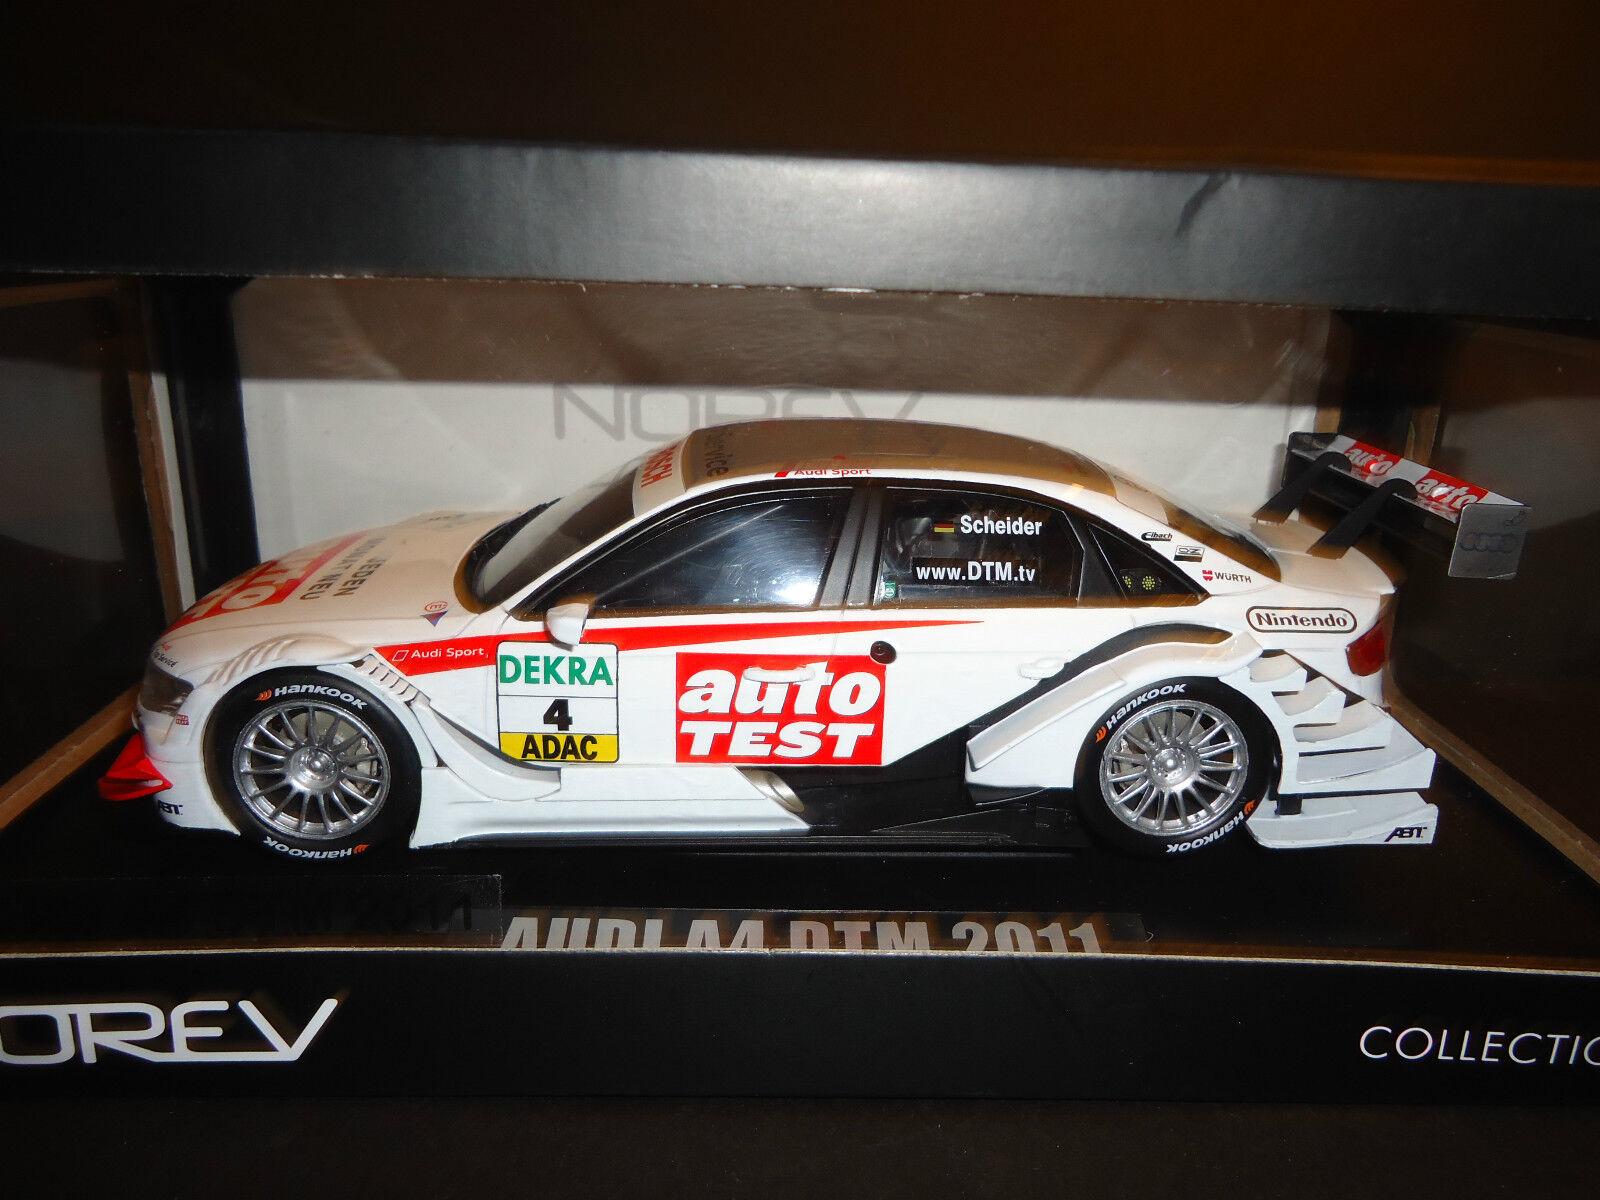 están haciendo actividades de descuento Norev Audi Audi Audi A4 Dtm   4 2011 Sport Team Abt timo Scheider 1 18  precios mas baratos